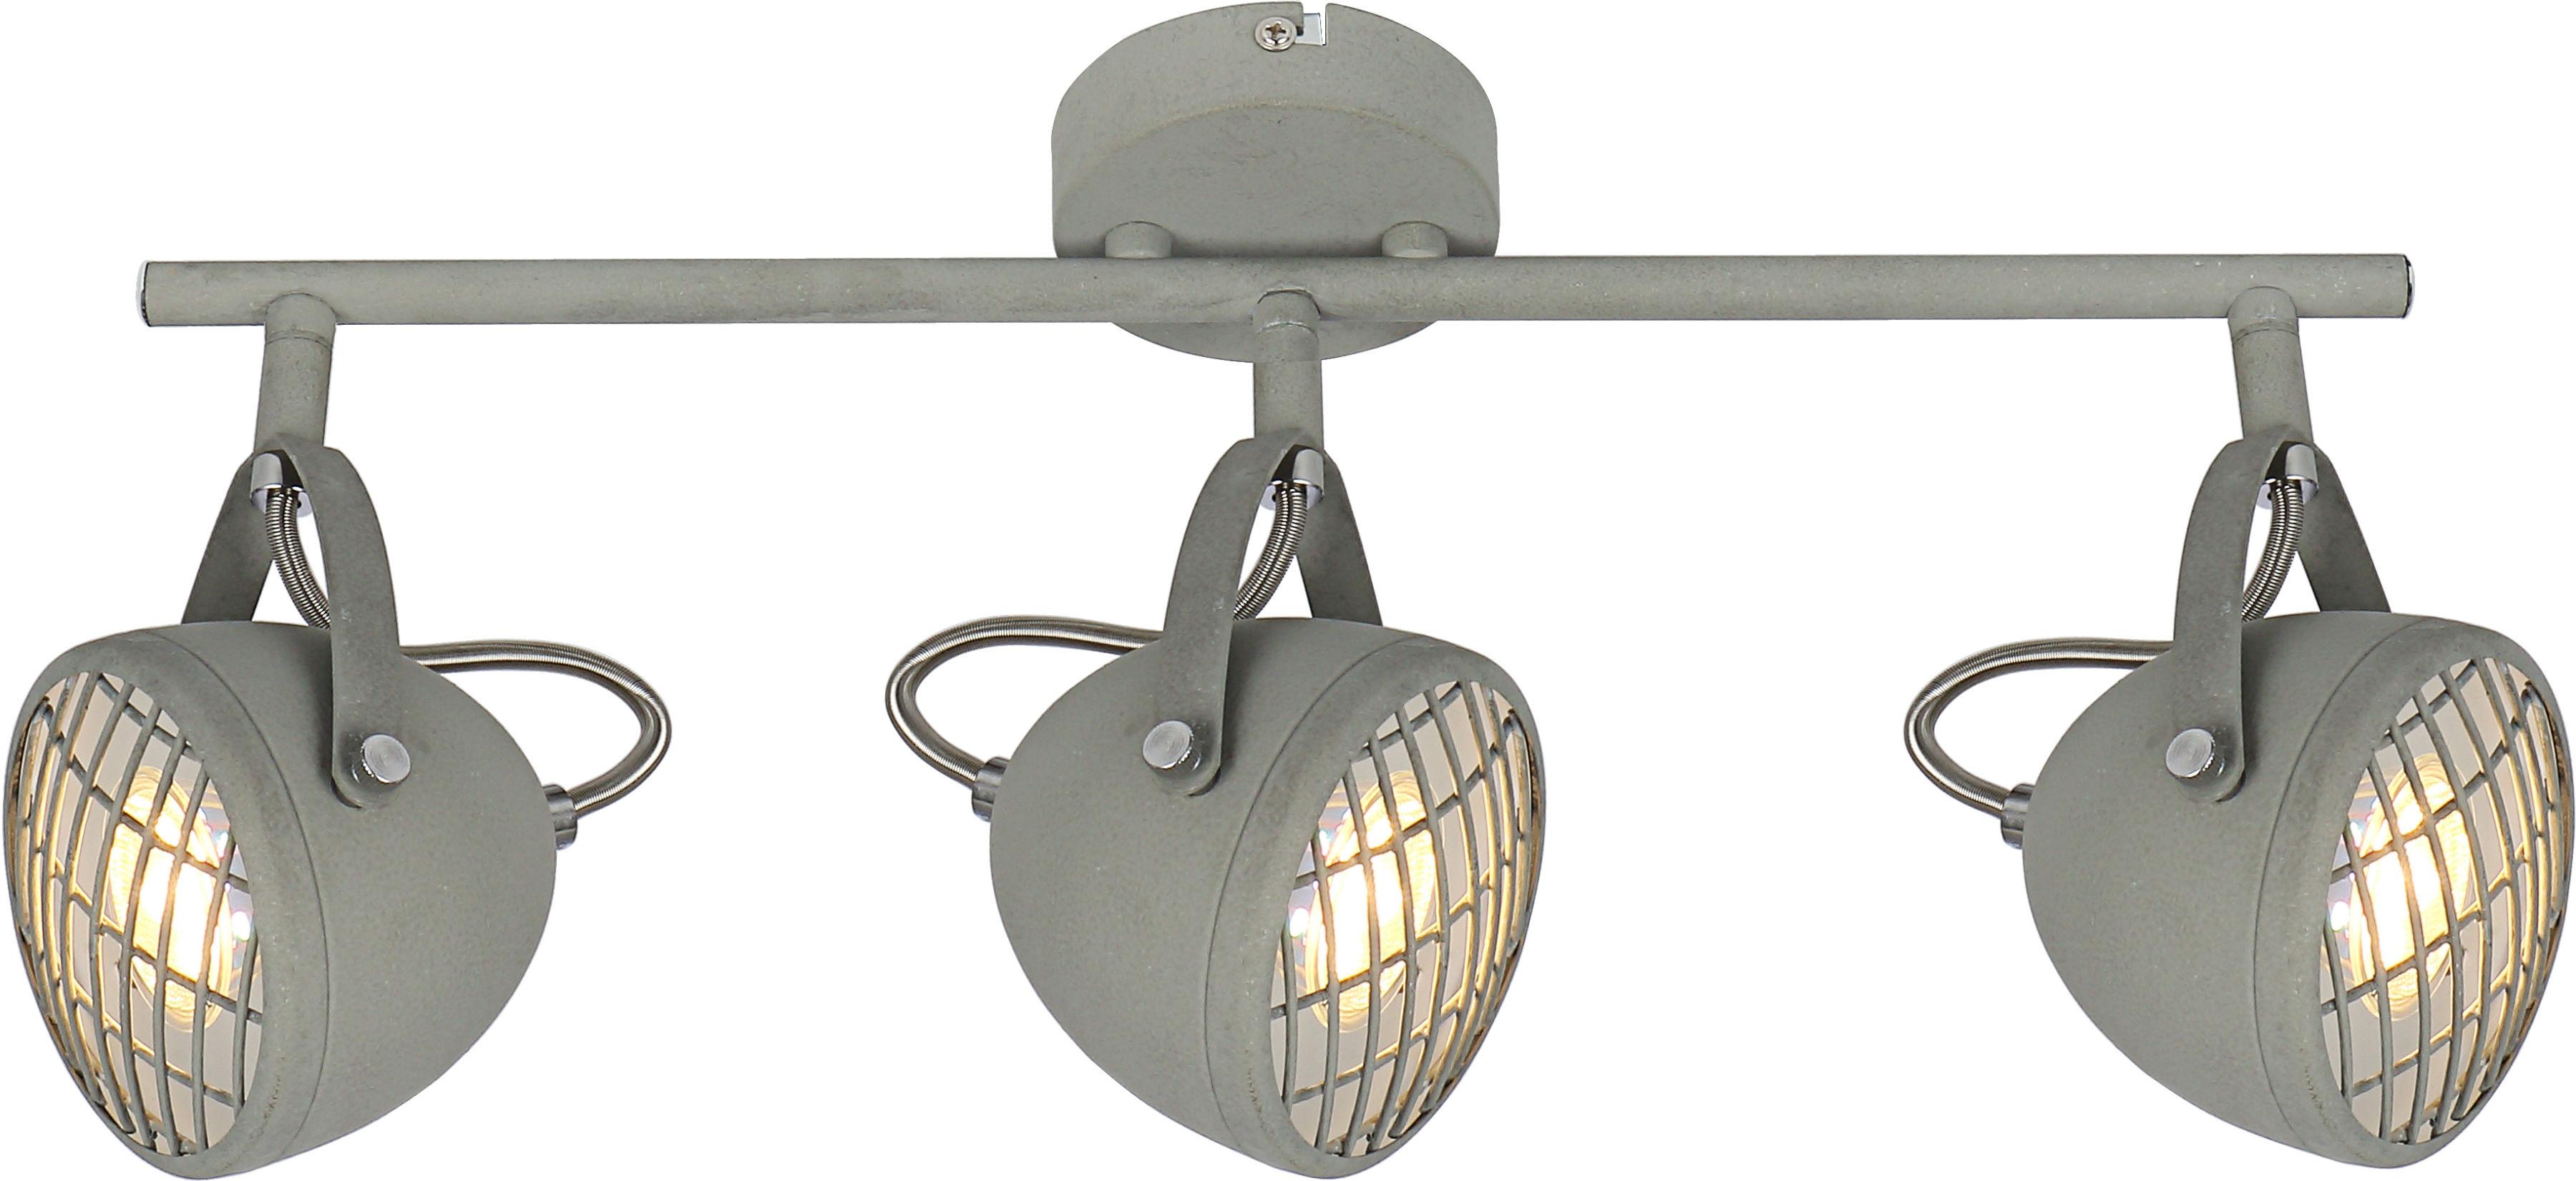 Candellux PENT 93-68064 listwa oświetleniowa betonowy szary regulacja klosza 3X50W GU10 45cm